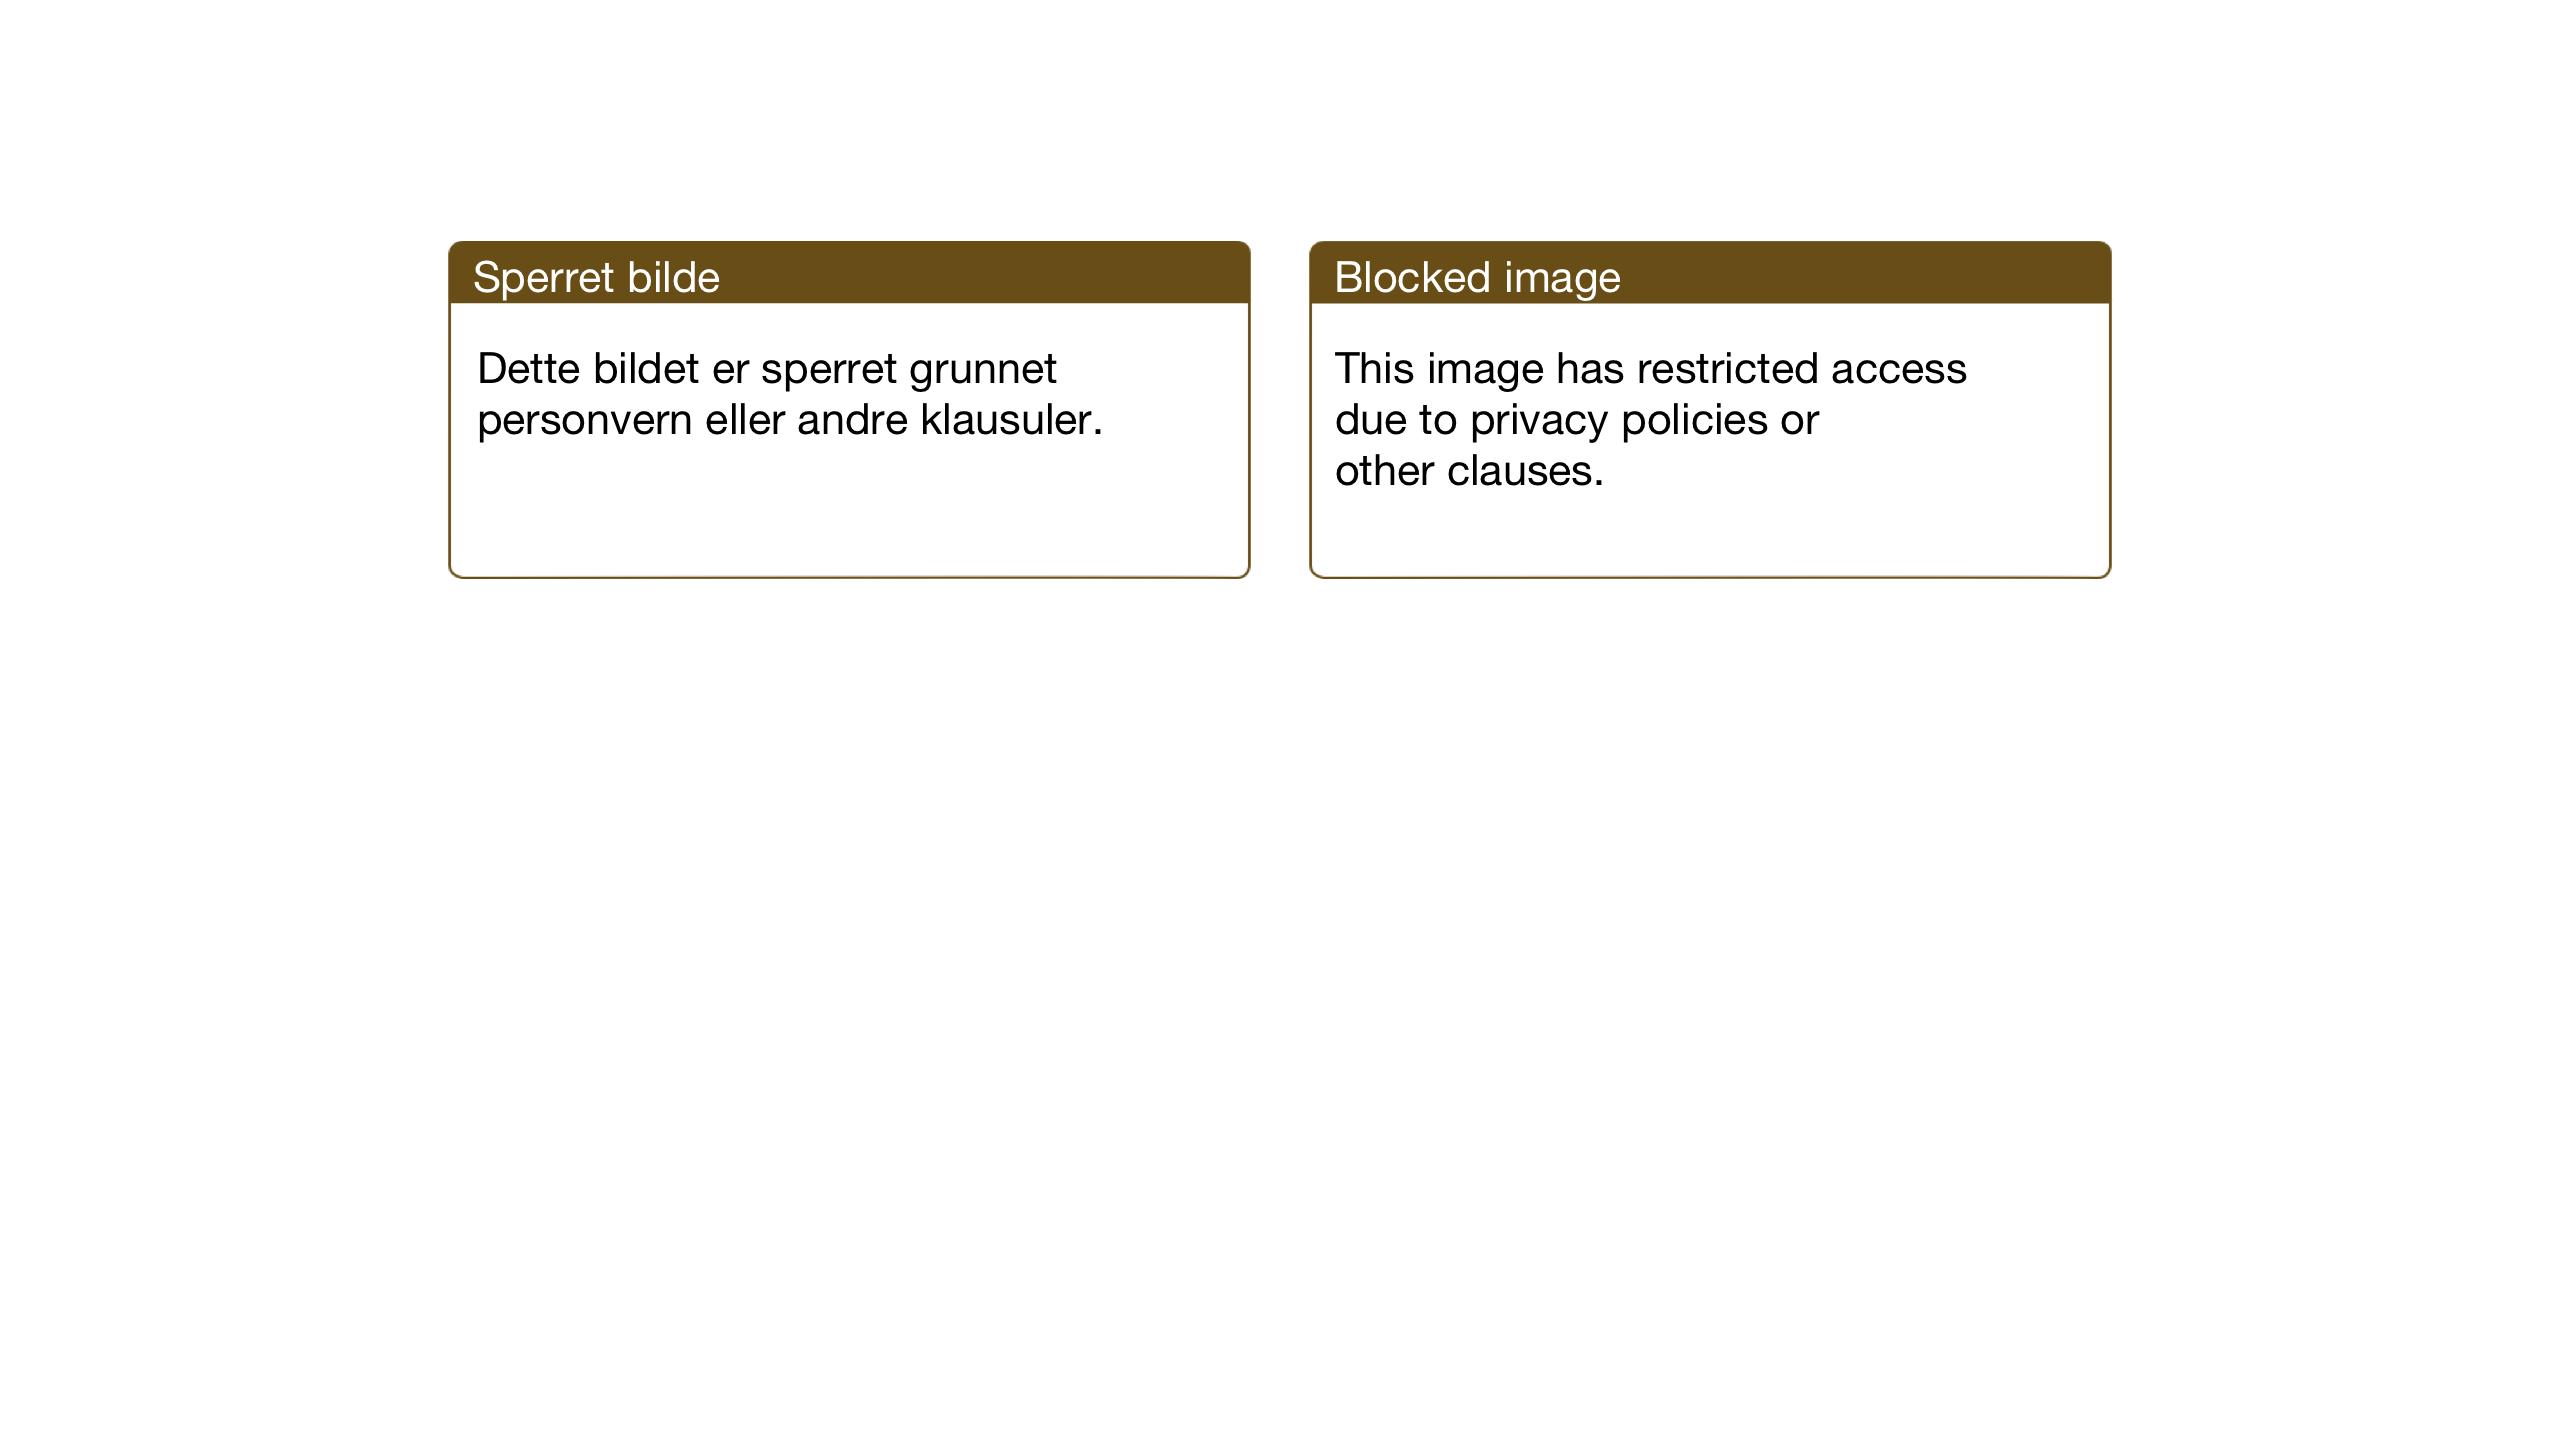 SAT, Ministerialprotokoller, klokkerbøker og fødselsregistre - Sør-Trøndelag, 611/L0358: Klokkerbok nr. 611C06, 1943-1946, s. 45